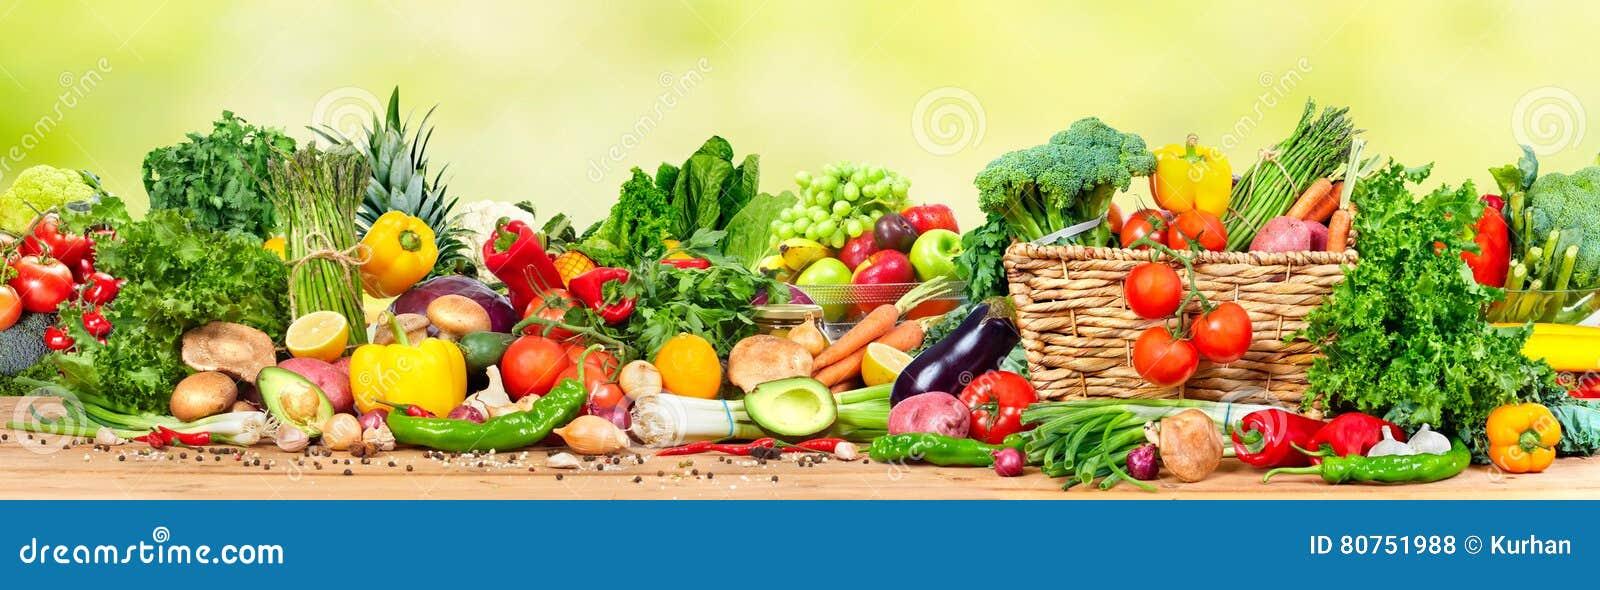 Vegetais e frutas orgânicos